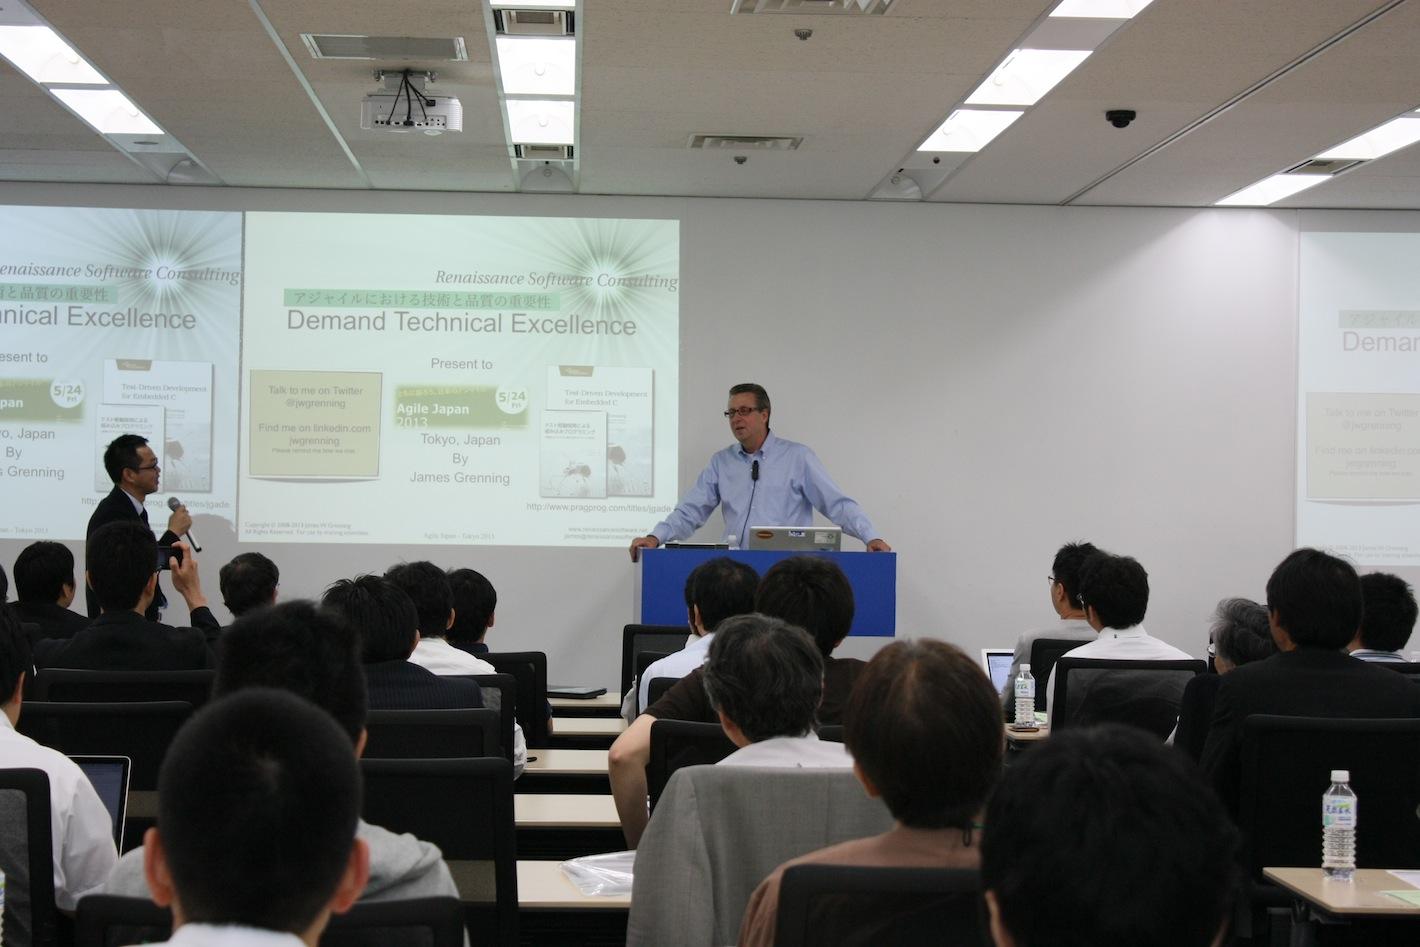 agilejapan_James Grenning氏keynote1